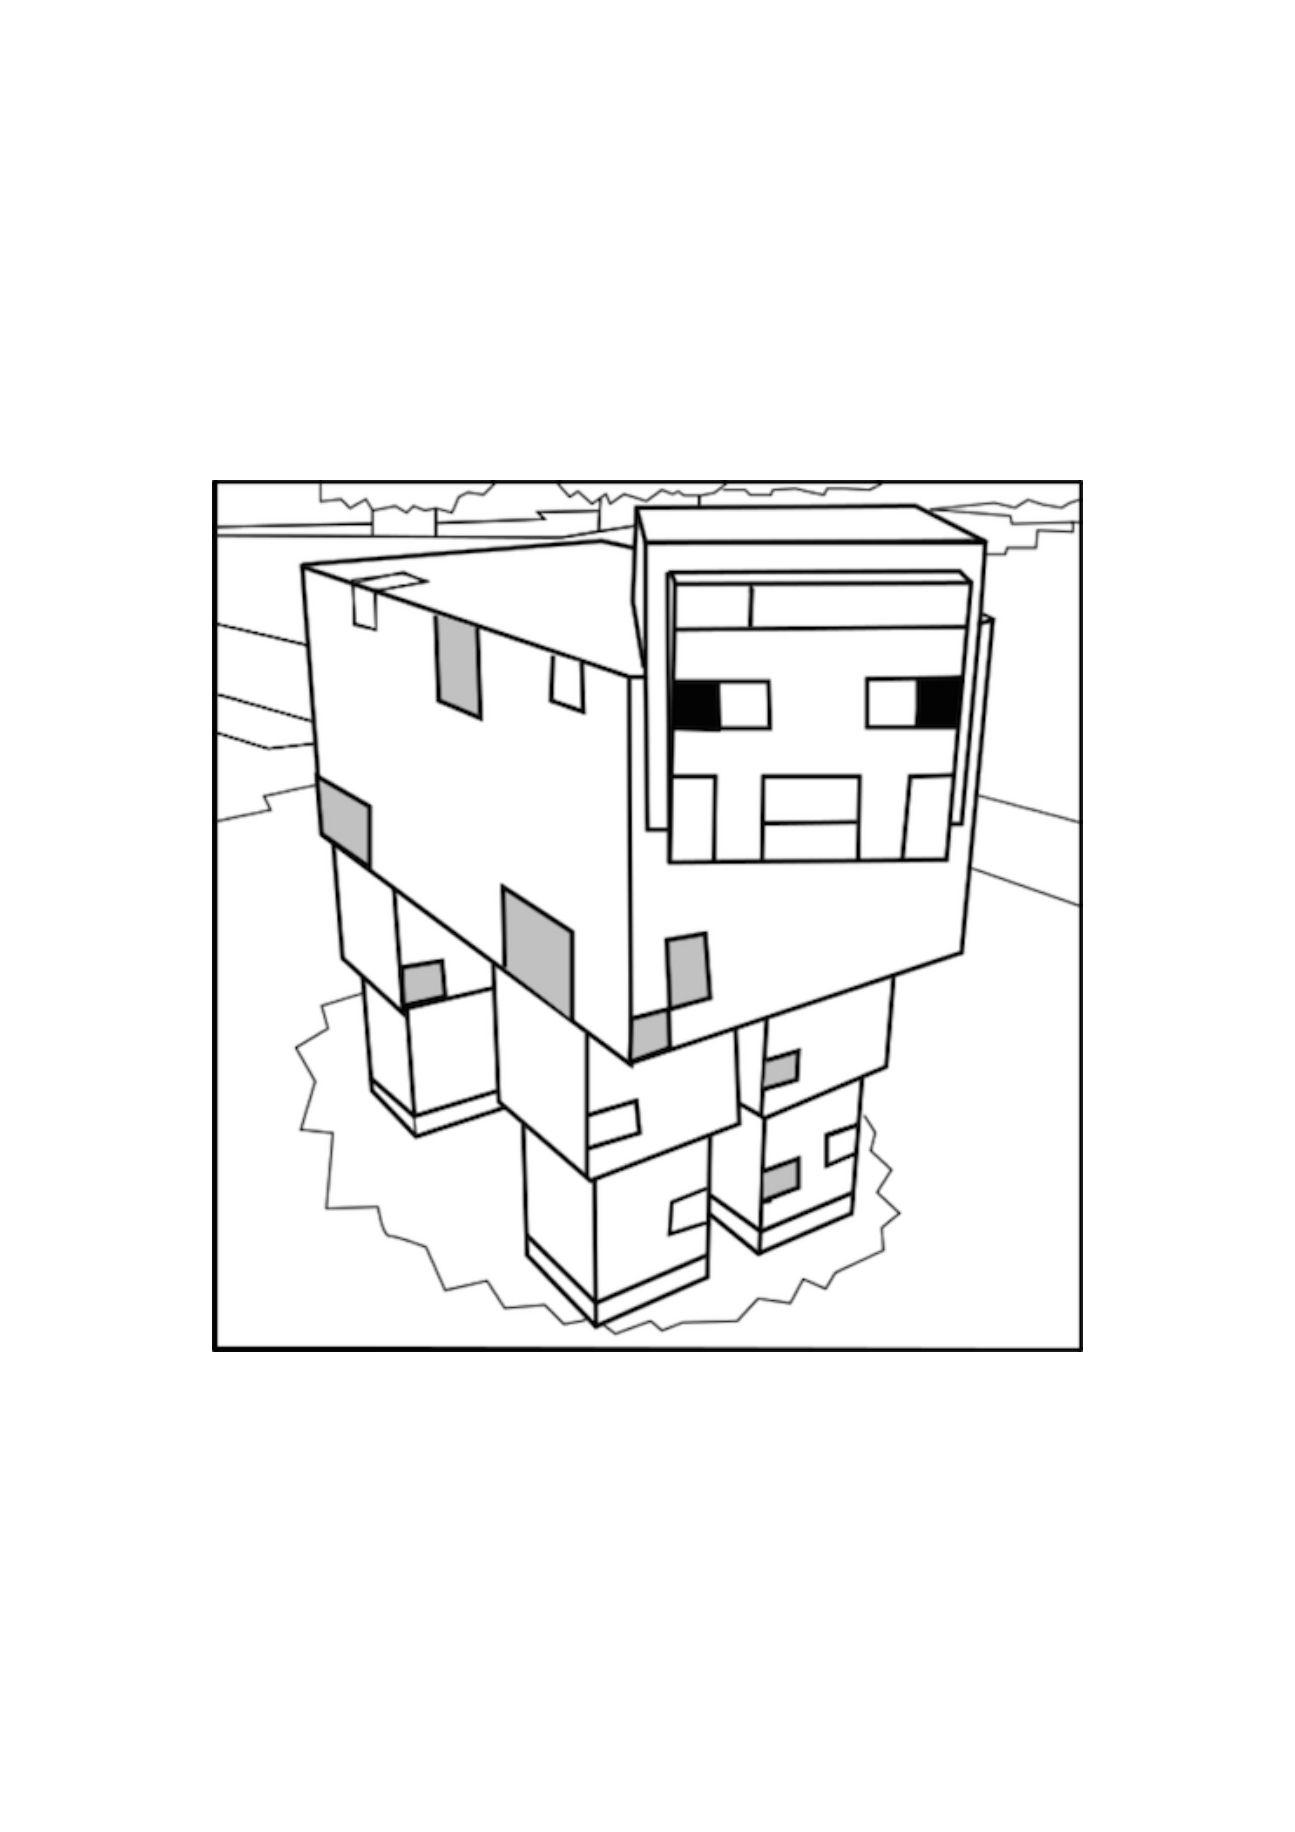 раскраски про миникотика из майнкрафта распечатать #3